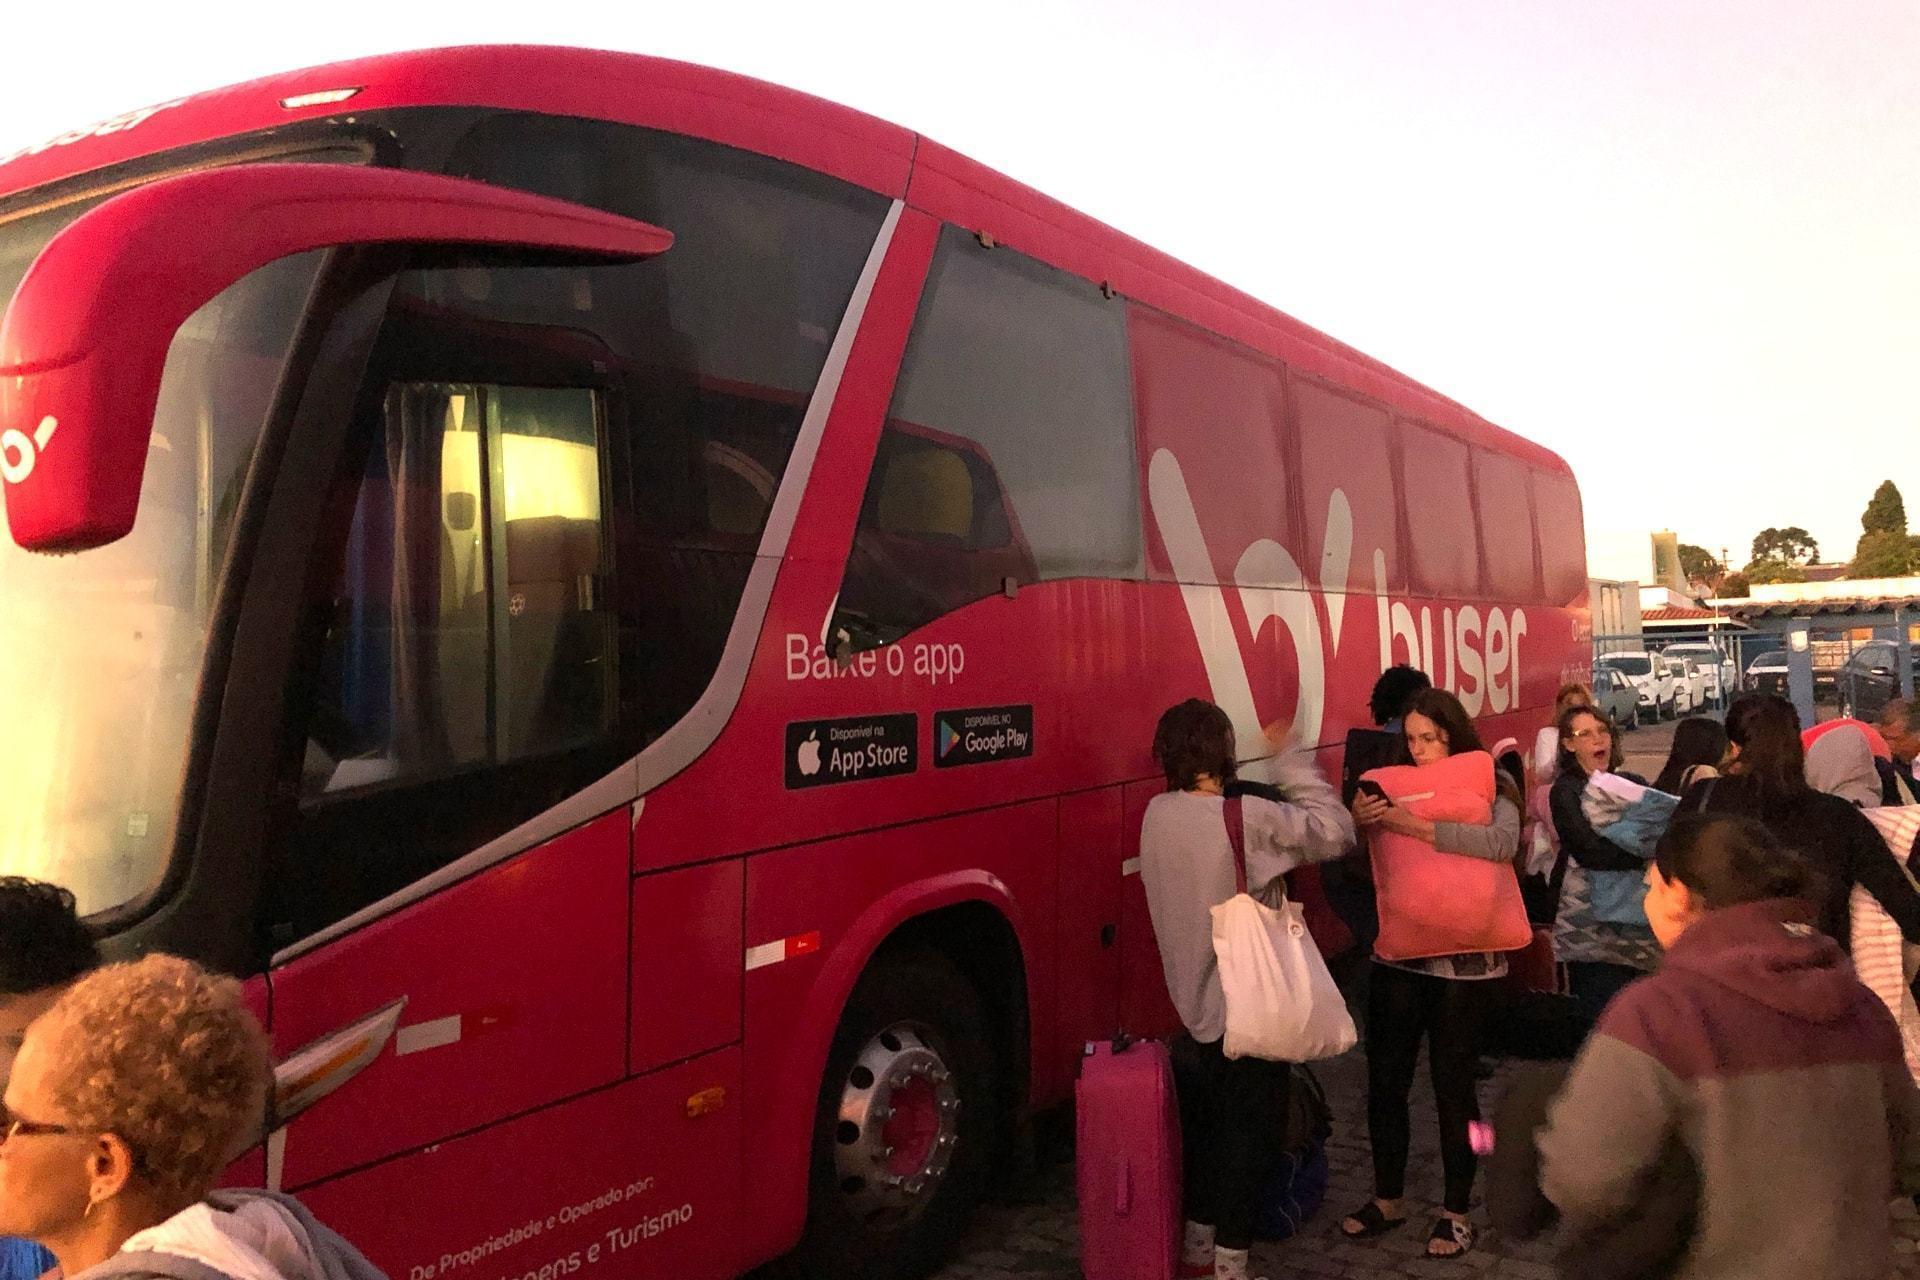 Lateral de um ônibus da Buser com alguns passageiros sonolentos ao lado.